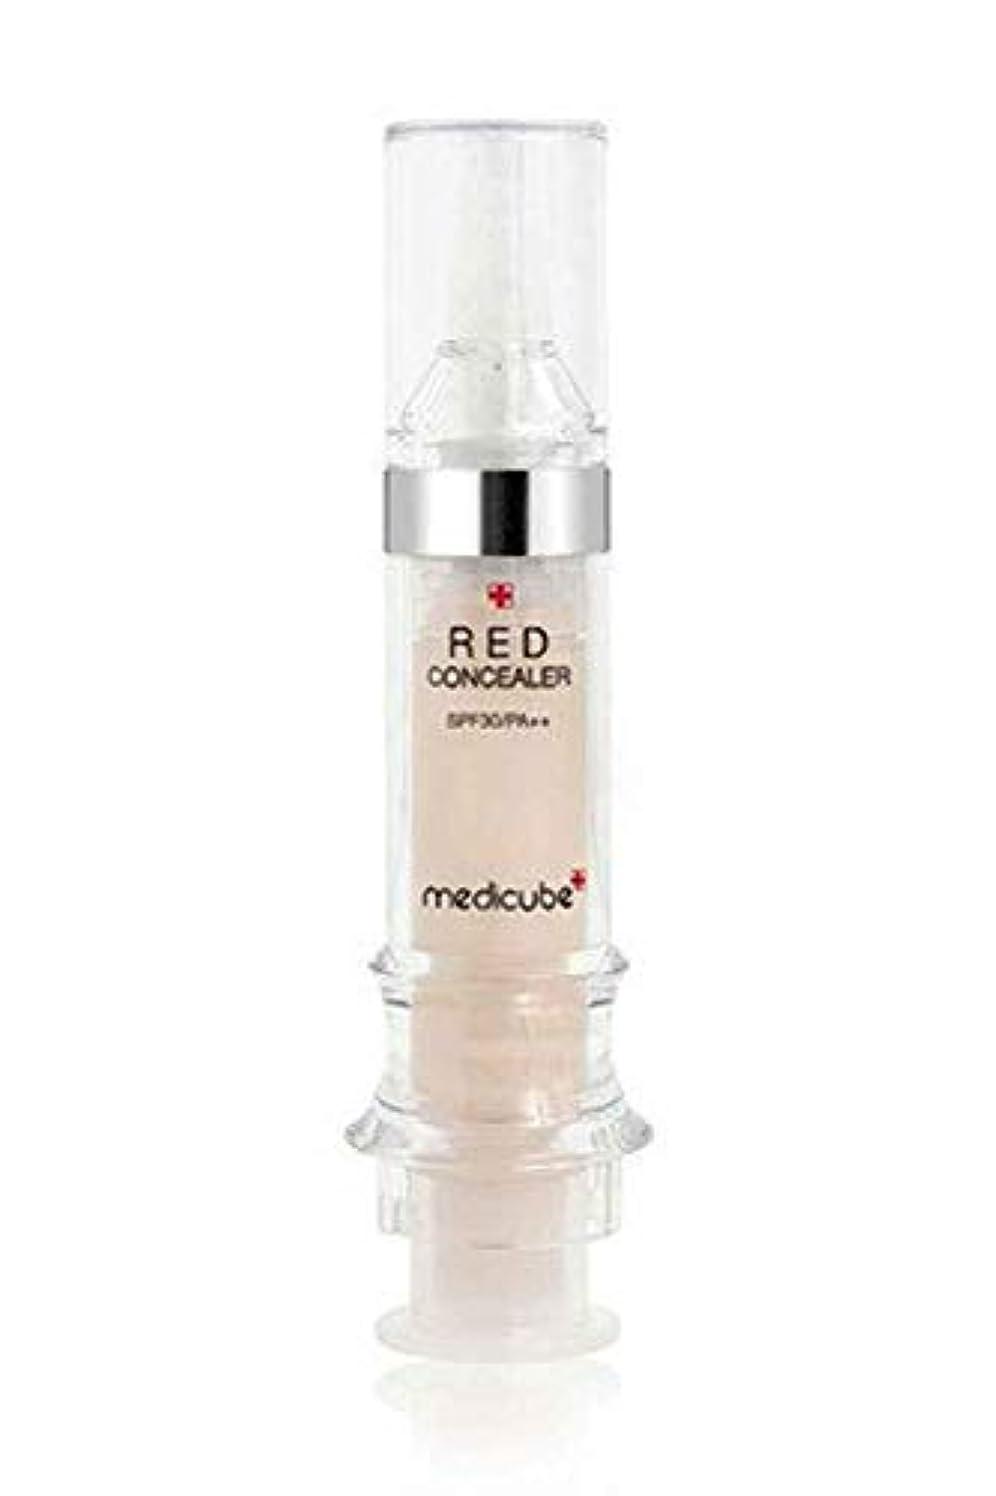 幸運小麦アリーナメディキューブ【Medicube】Red Red Concealer 5.5ml メディキューブ レッドコンシーラー [並行輸入品] (#23)